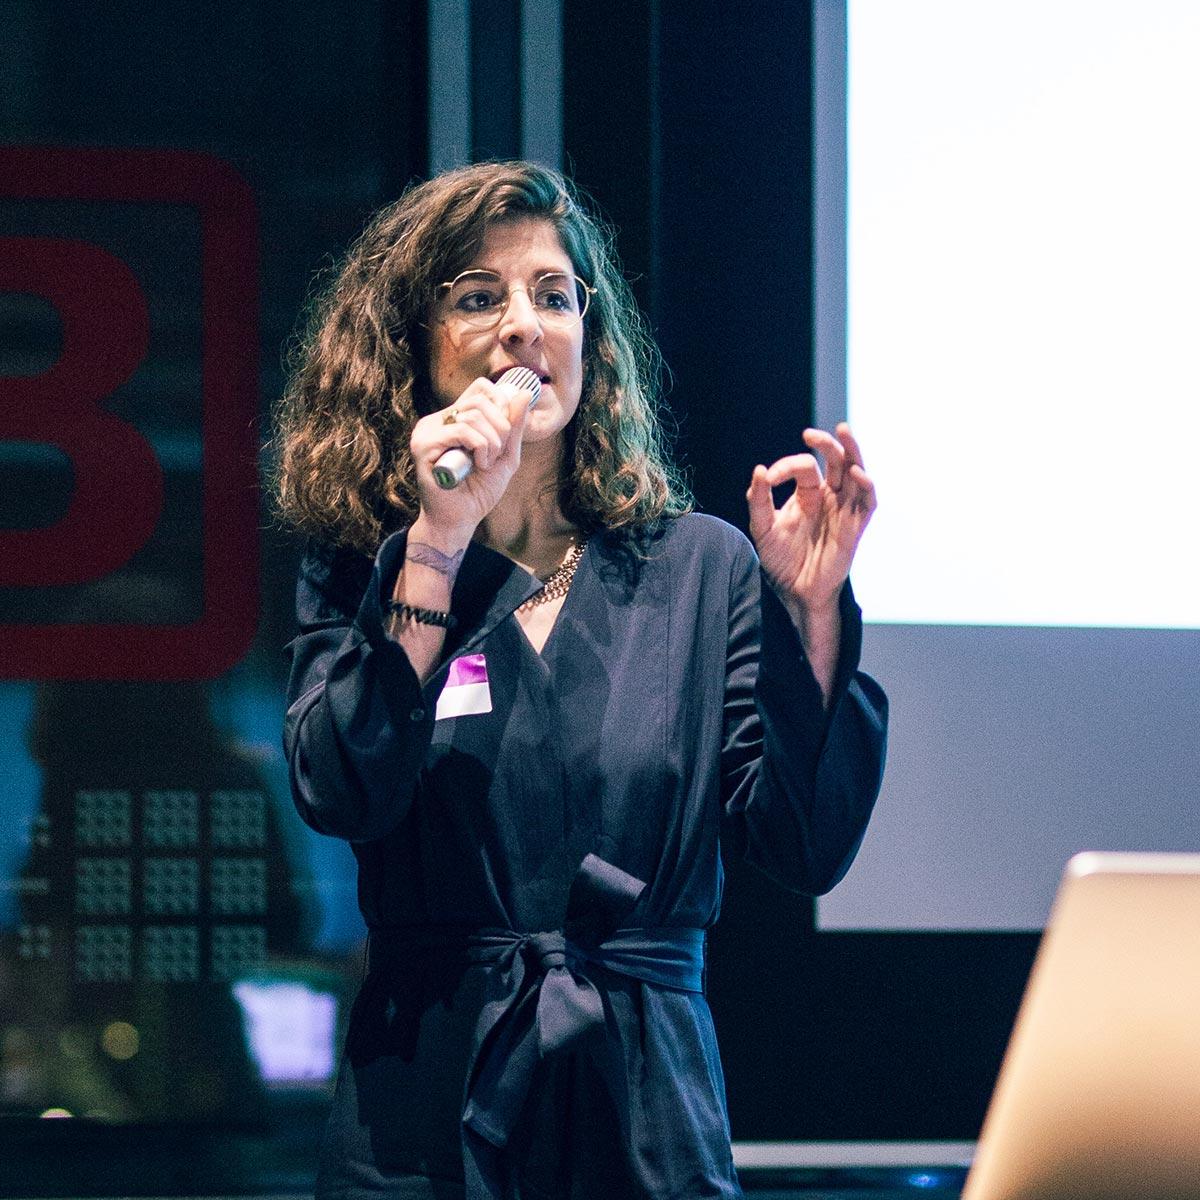 Empathic Leadership als Erfolgsfaktor – Susanne Scheerer